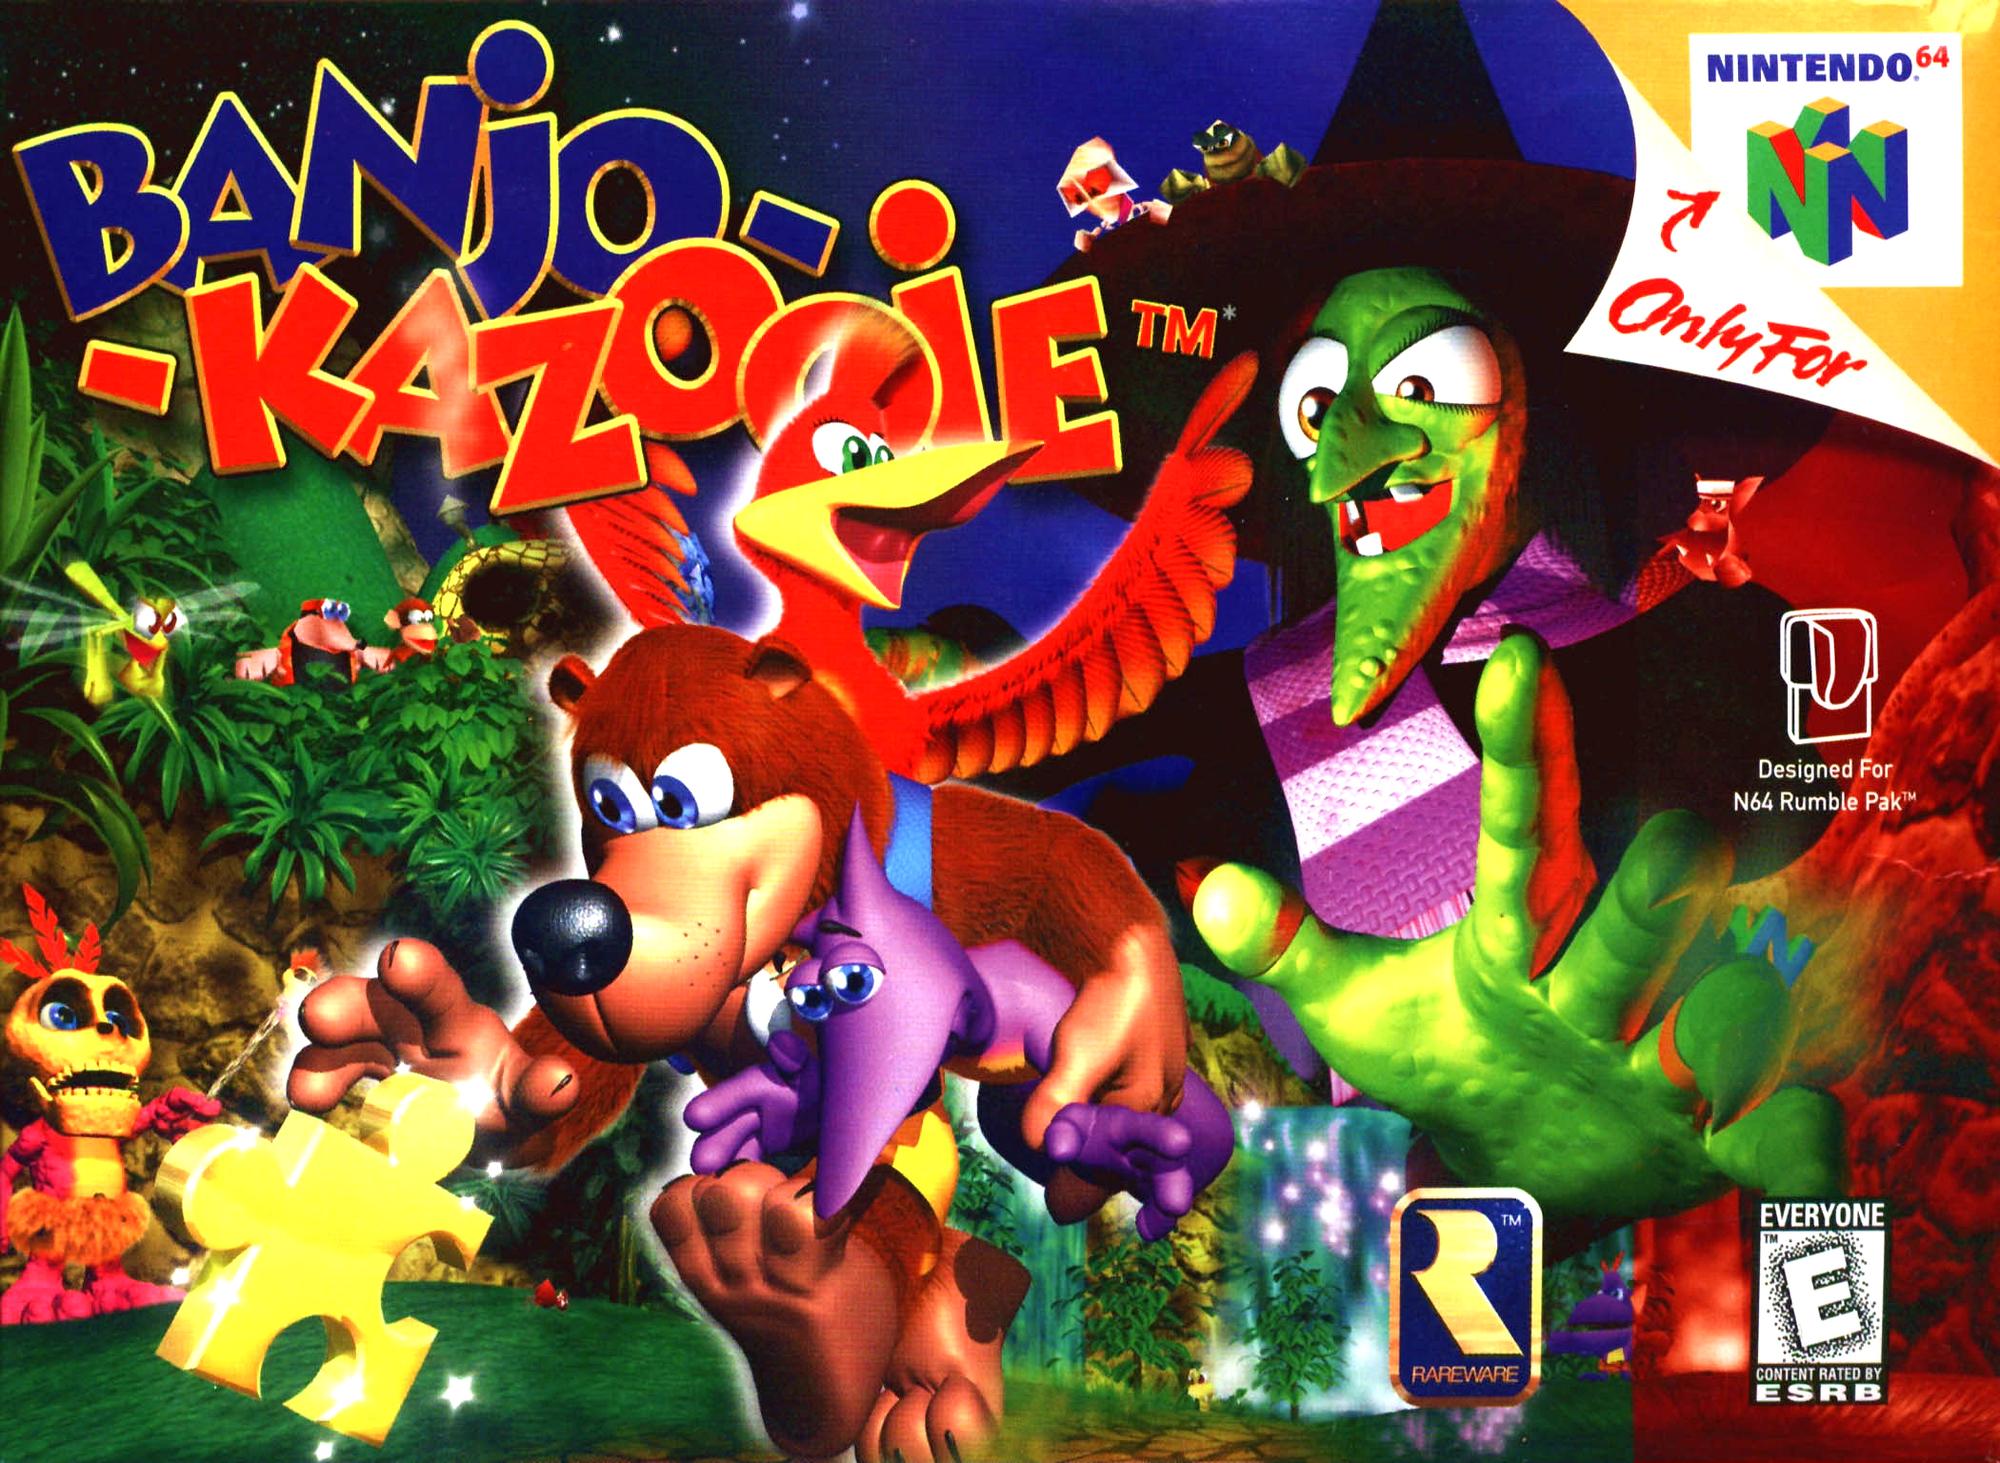 Banjo-Kazooie | Banjo-Kazooie Wiki | FANDOM powered by Wikia